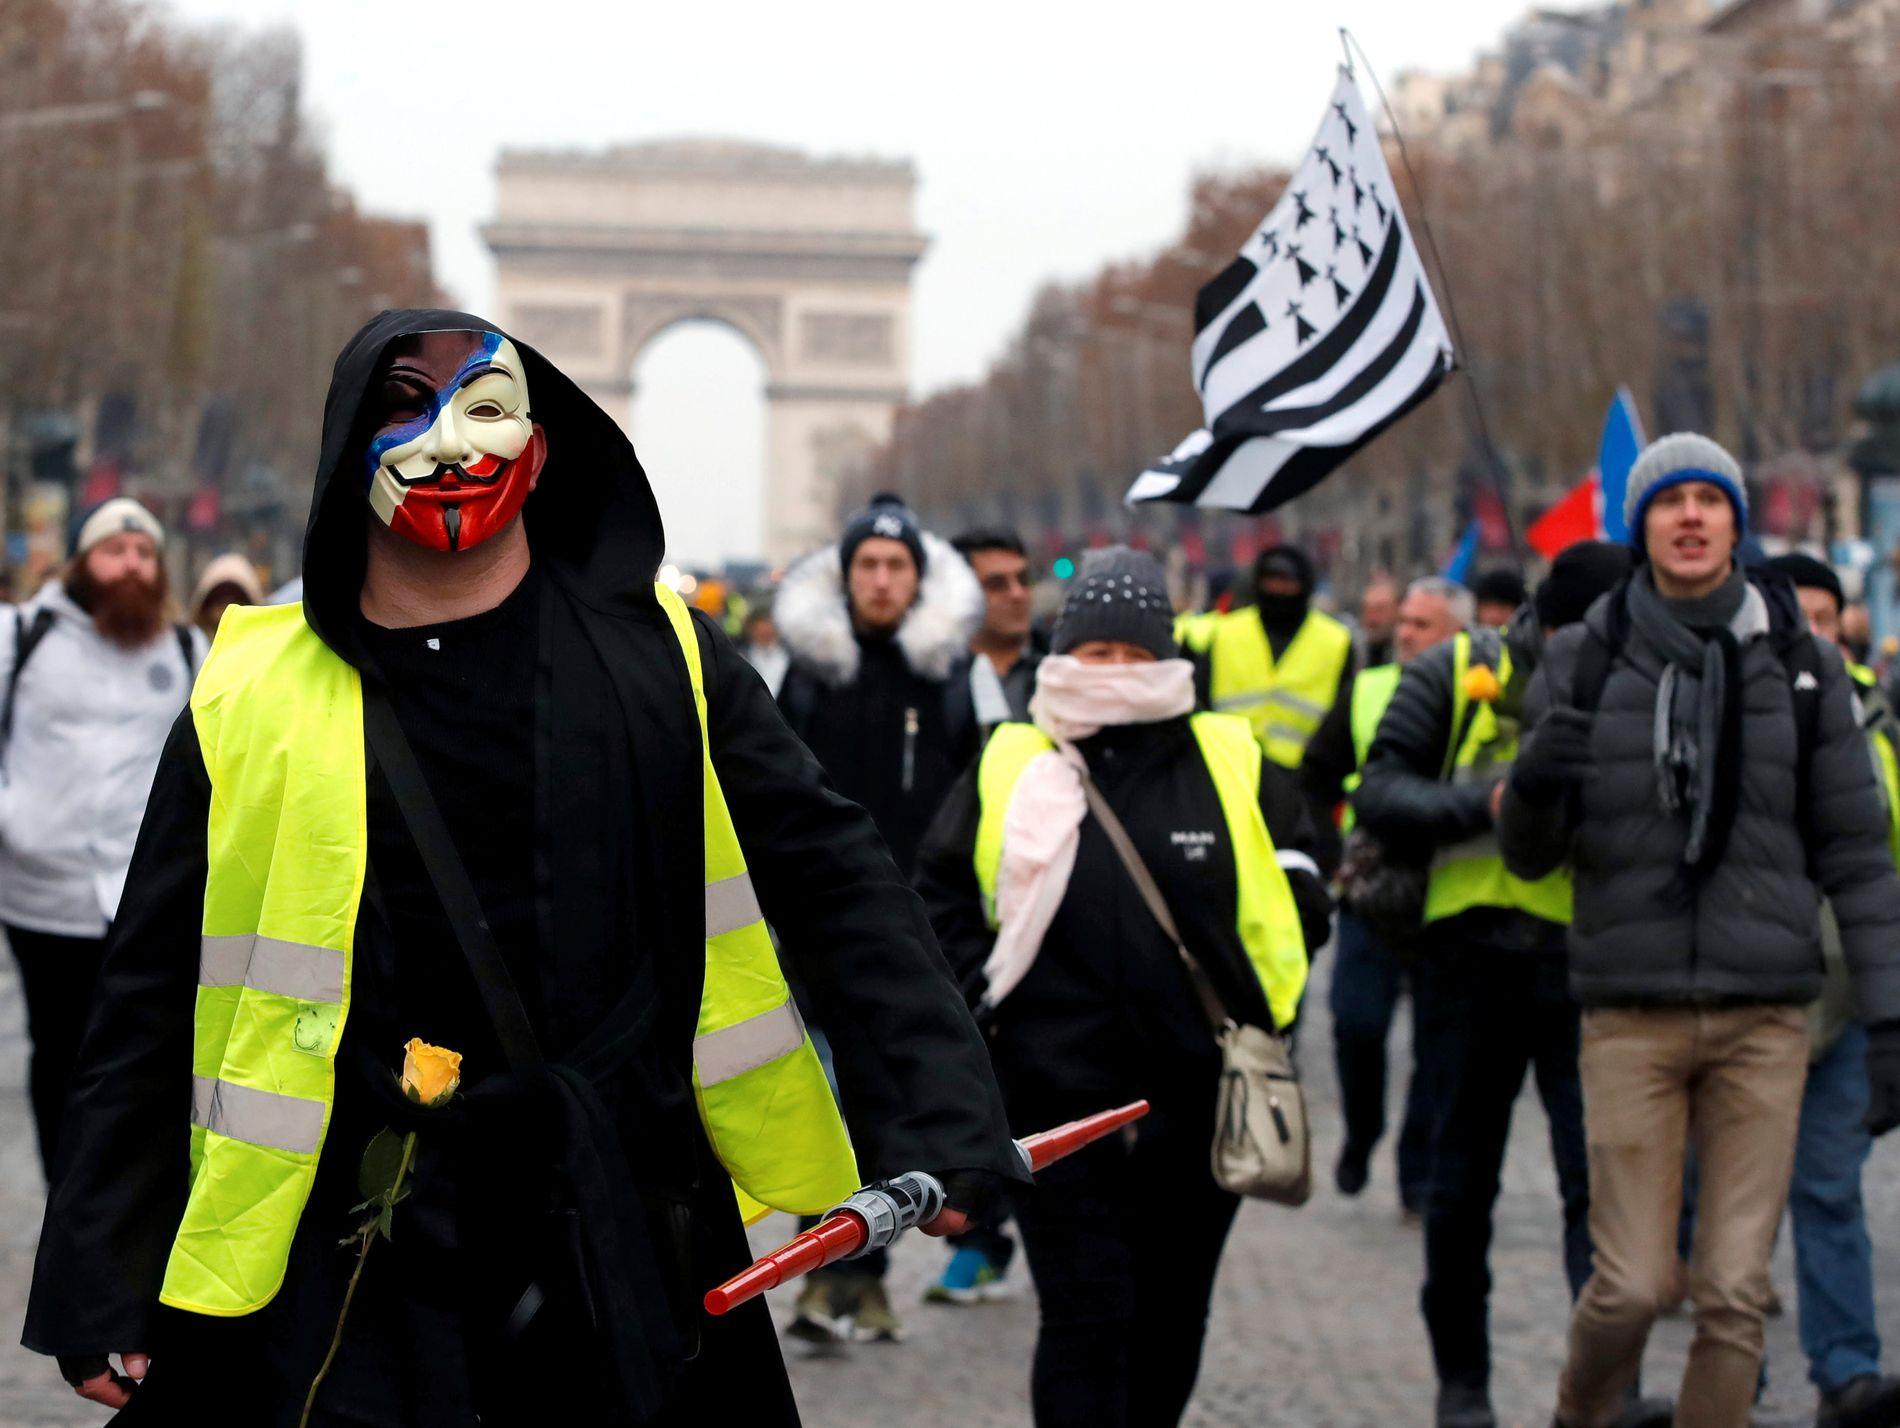 MARSJERER IGJEN: Demonstranter med de gule vestene marsjerer i Paris lørdag. Det er varslet demonstrasjoner over hele landet i dag.